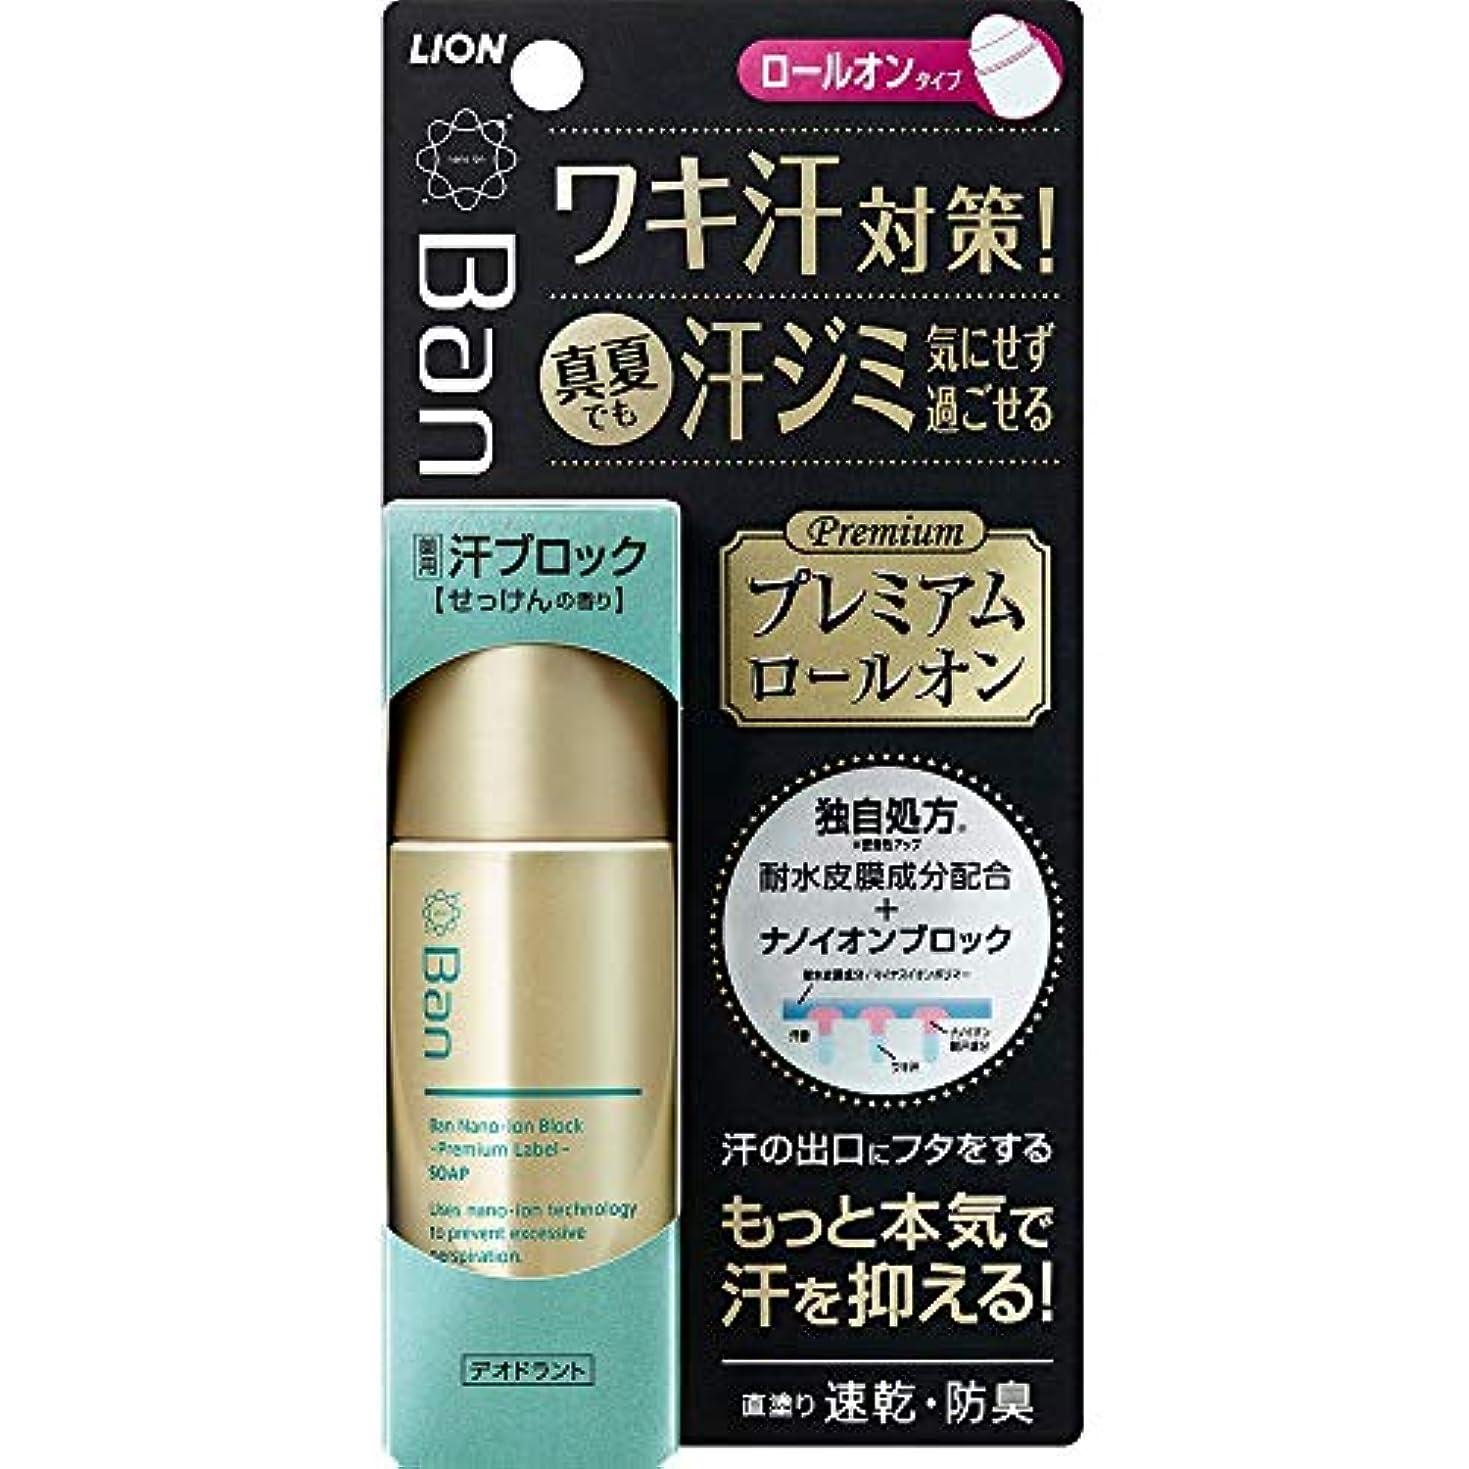 解決アンタゴニストゼリーBan(バン) 汗ブロックロールオン プレミアムラベル せっけんの香り 40ml(医薬部外品) × 6点